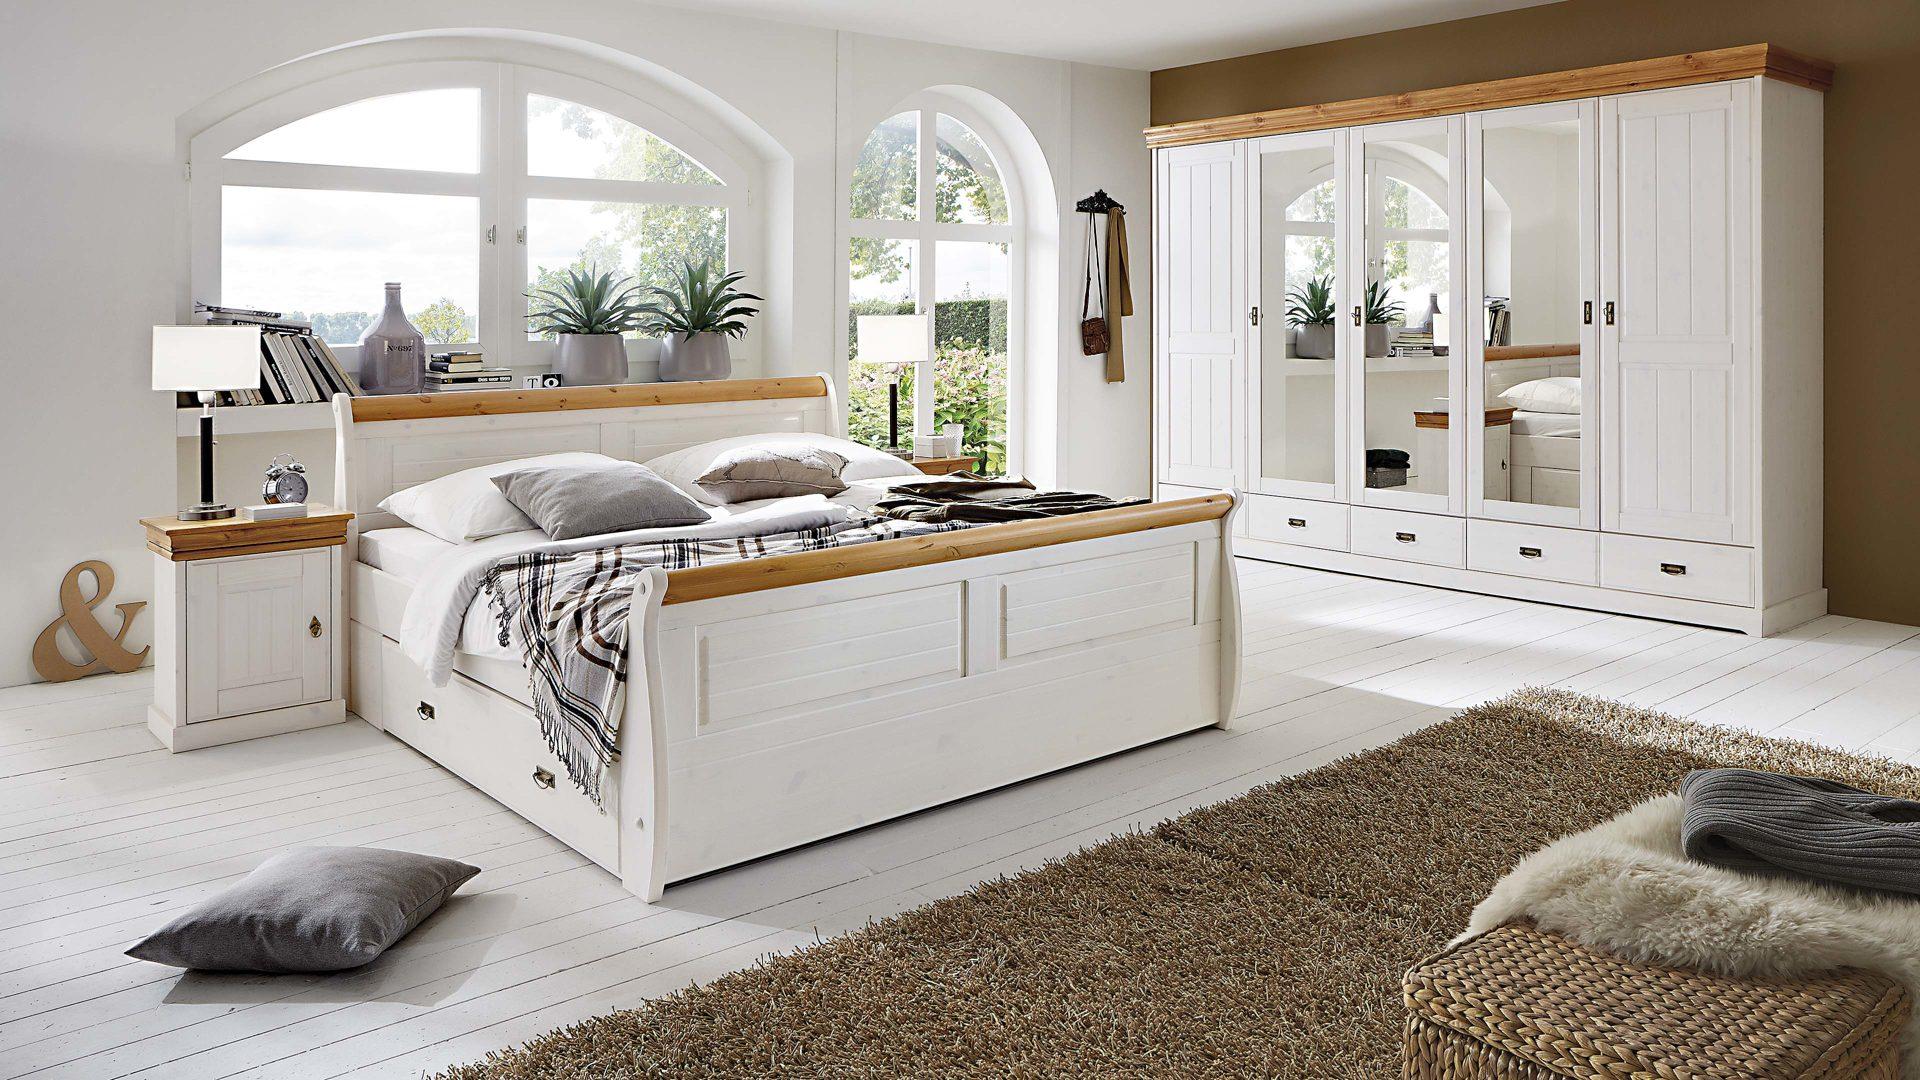 3S frankenmöbel Schlafzimmer im nordischen Landhaus-Stil mit Kleiderschrank  , weißes & honigfarbenes Kiefernholz - vierteilig